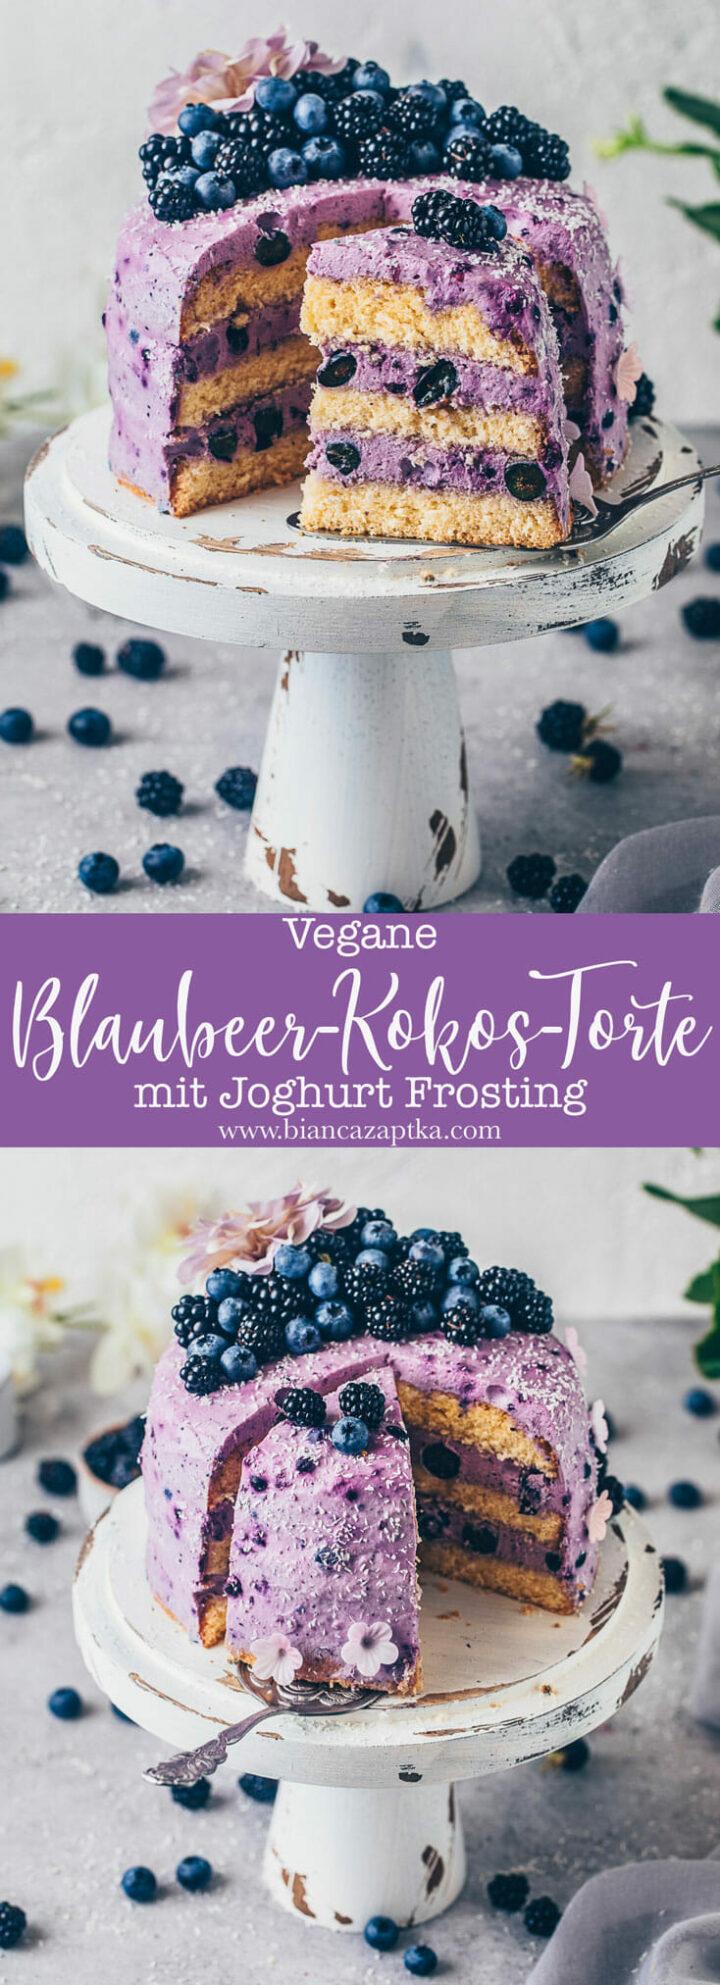 Heidelbeer-Kokos-Torte mit Joghurt Creme Frosting und Brombeeren